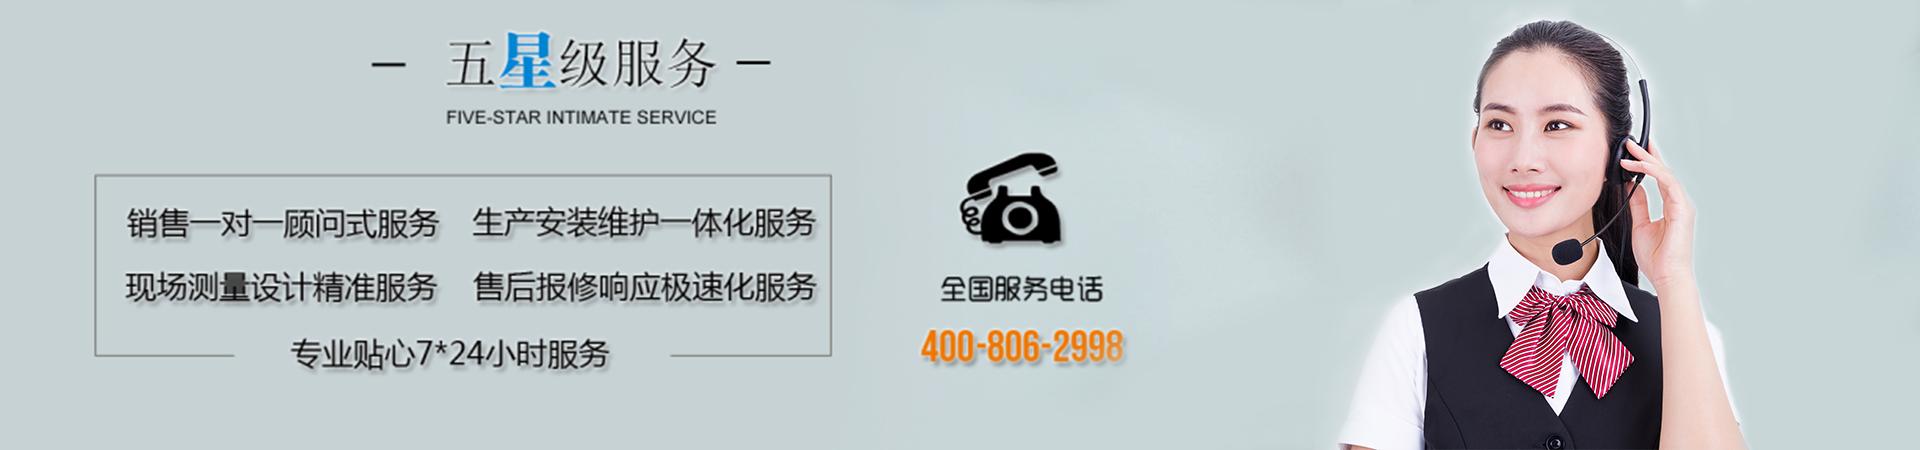 人脸识别系统5星服务